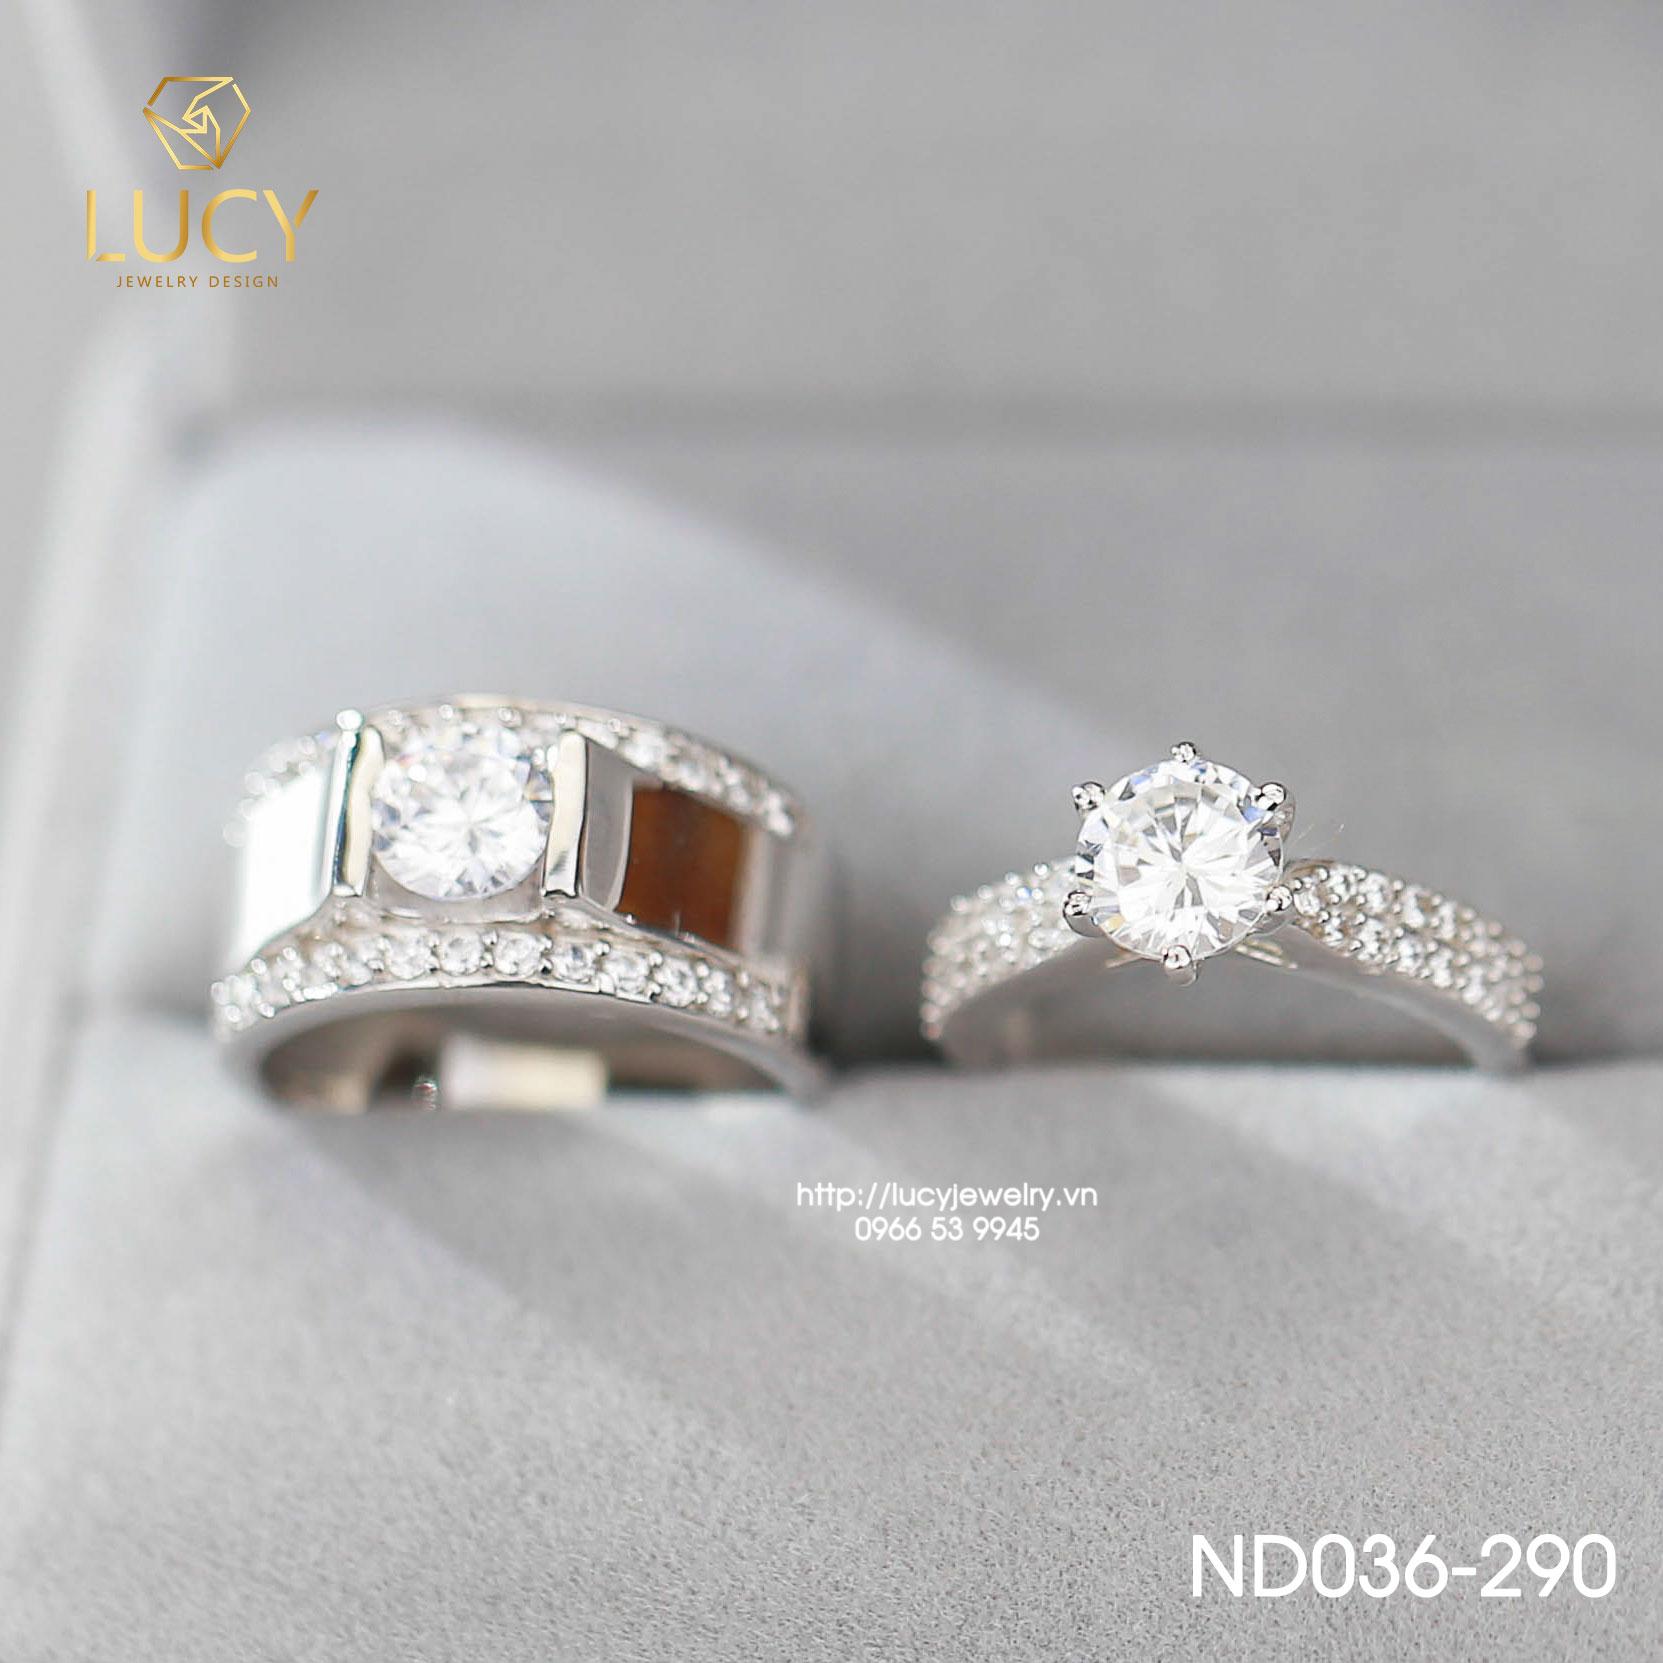 Nhẫn đôi nhẫn cặp đẹp Bạc Lucy ND036-290